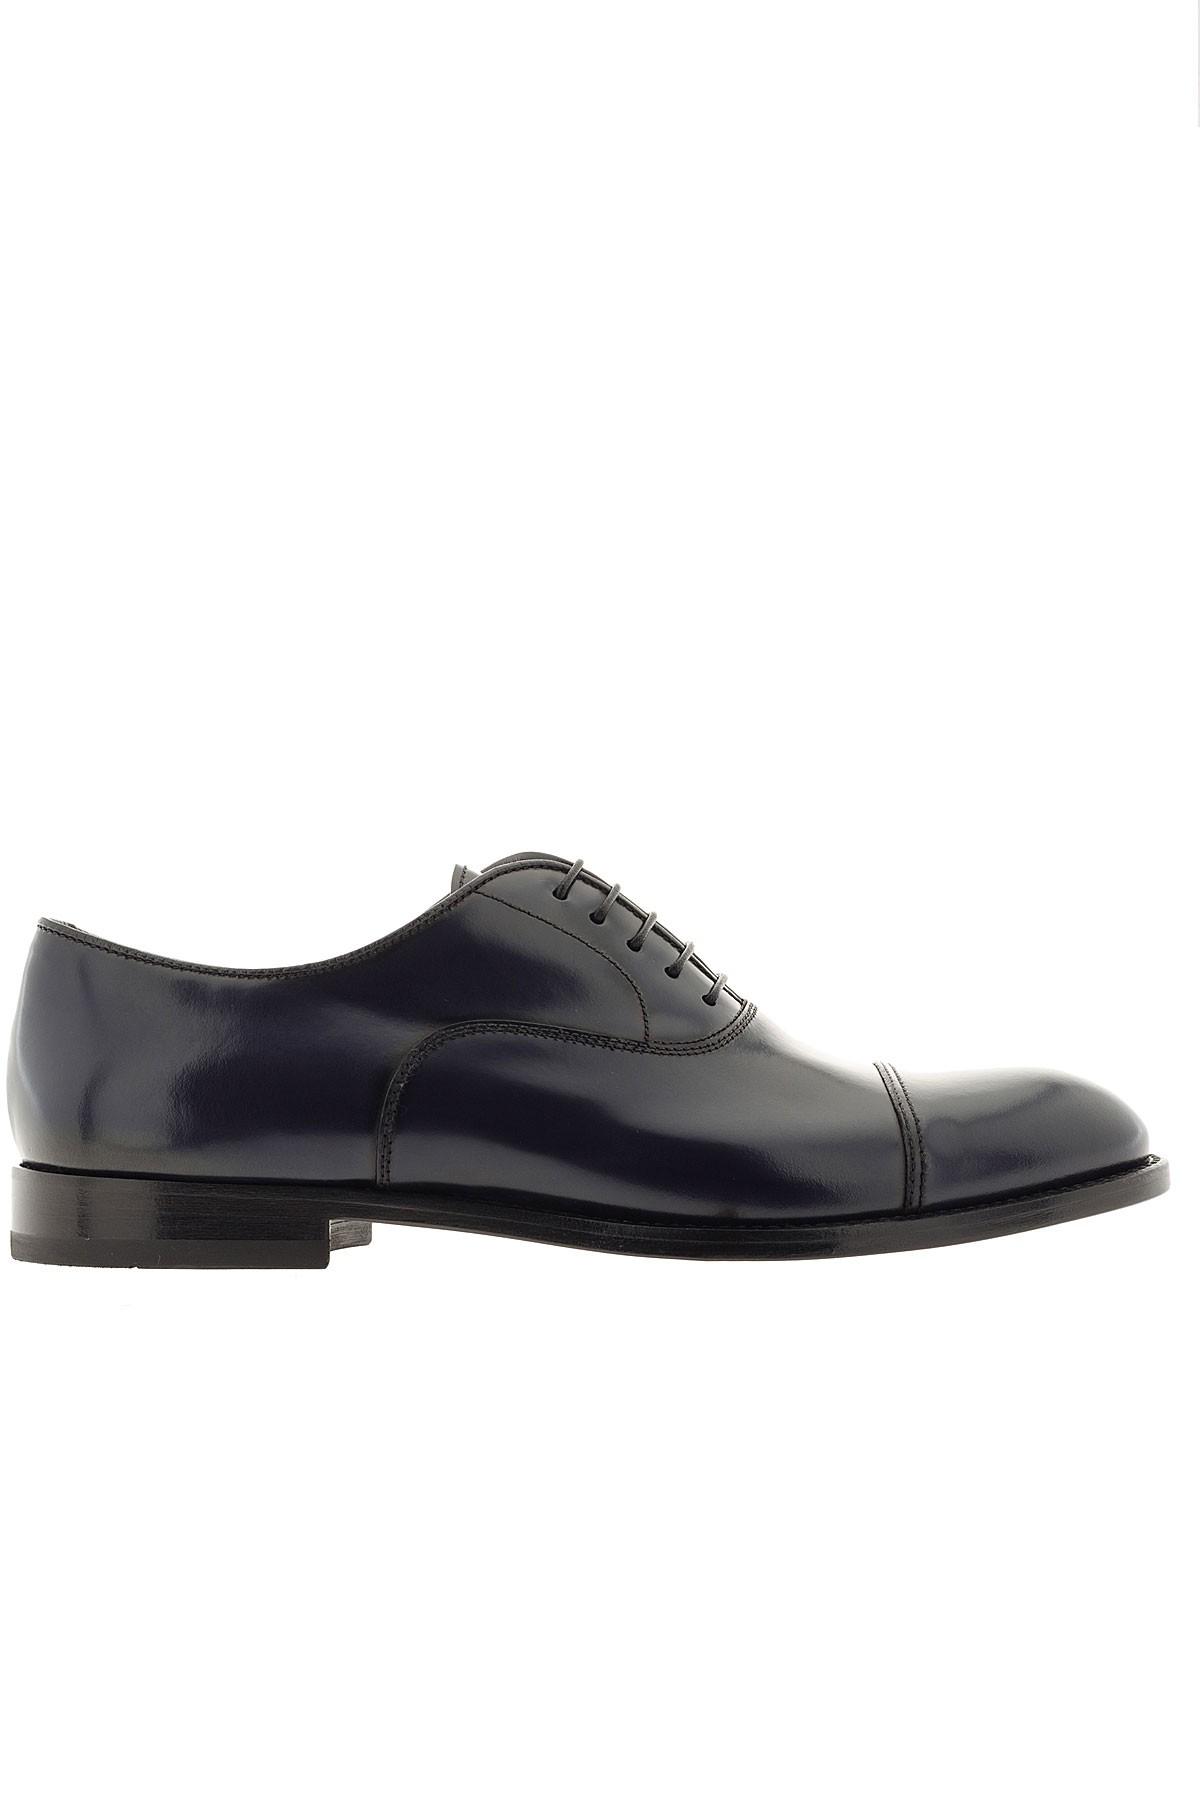 scarpe da corsa asics gel abbigliamento sportivo calcio prezzi scarpe da running asics prezzi maglie calcio asics asics shop on line